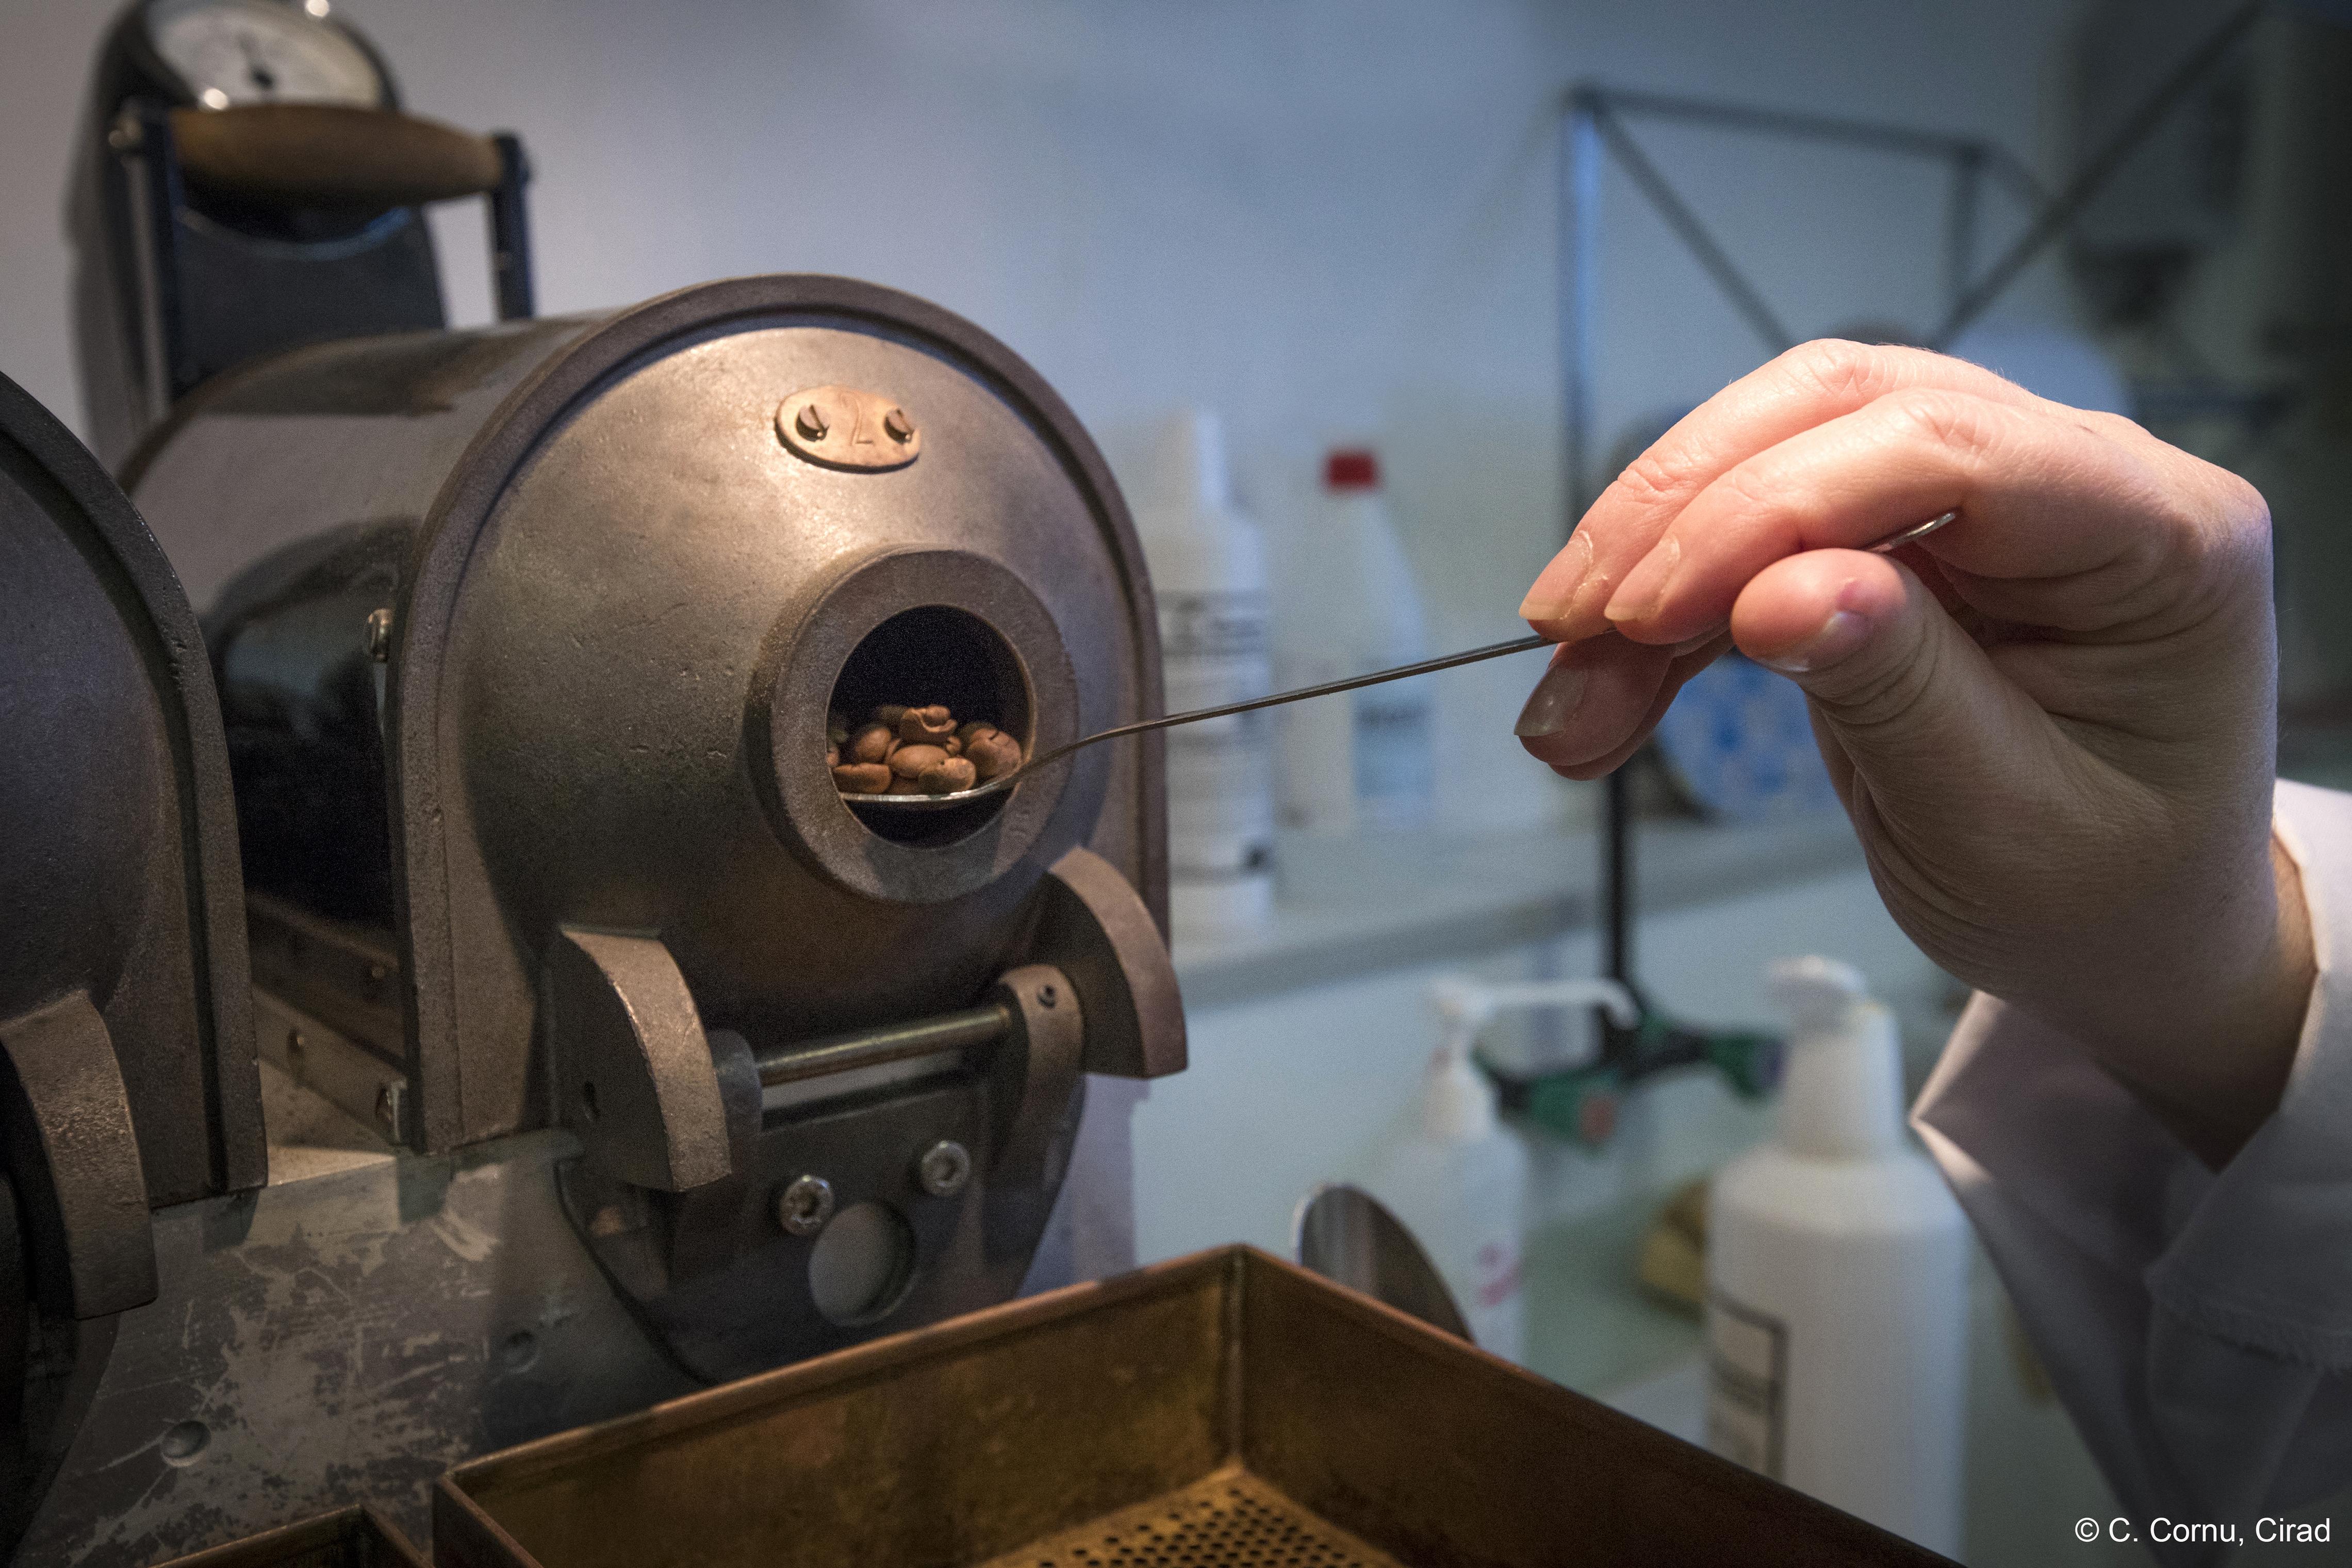 Régi-új kávéfaj mentheti meg a kávézást a klímaváltozástól